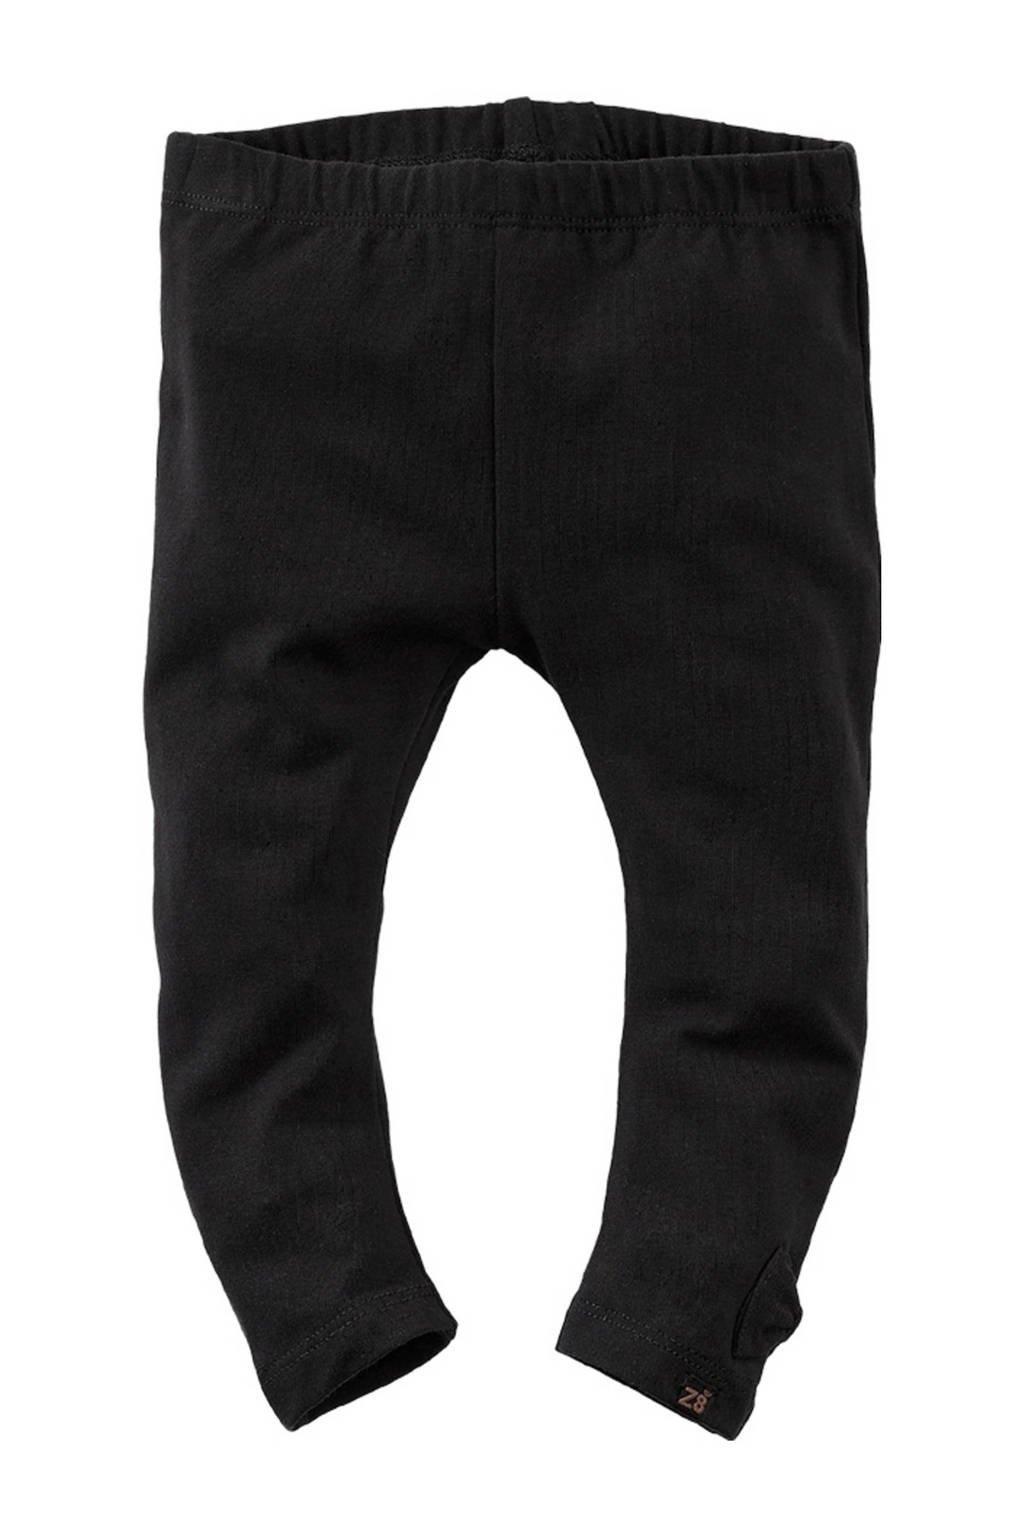 Z8 legging Elonie zwart, Zwart